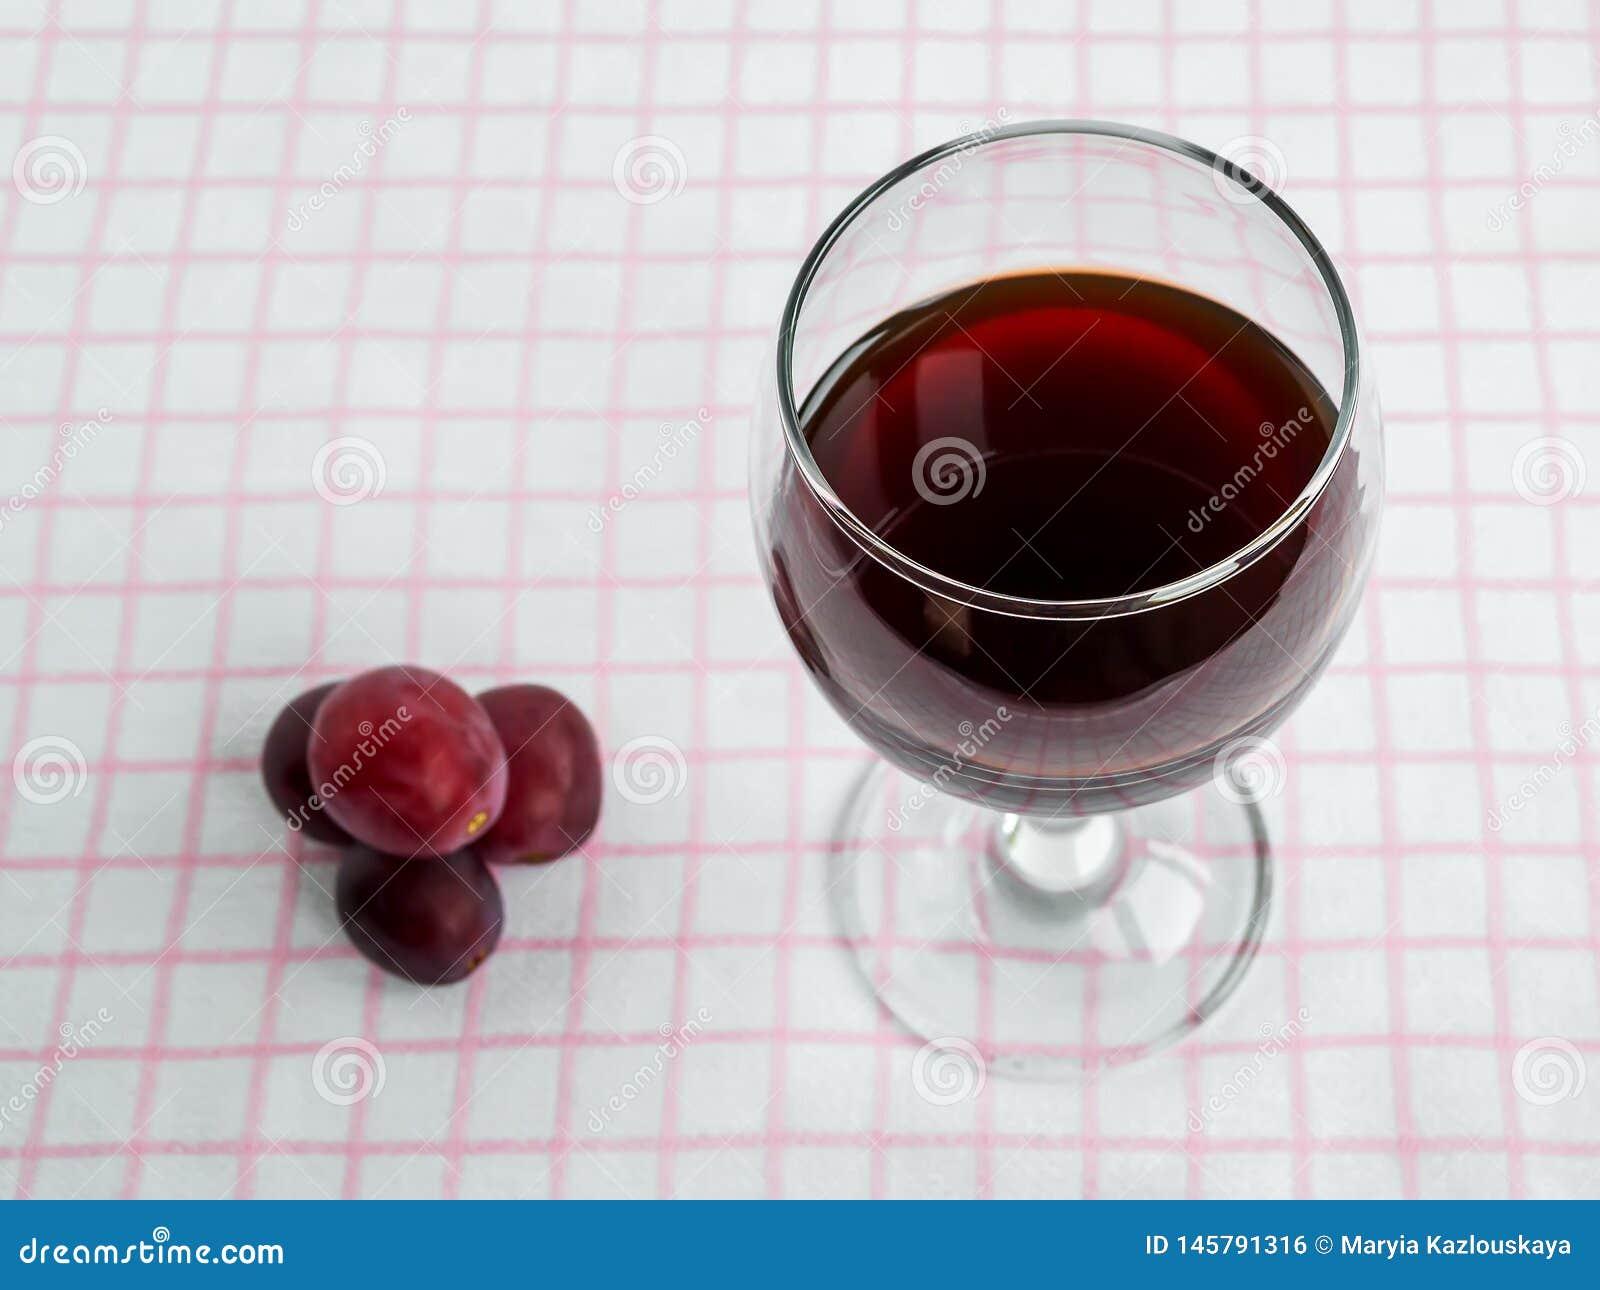 Vetro trasparente con vino rosso e poca uva rossa dolce sulla tovaglia a quadretti rosa bianca Front View